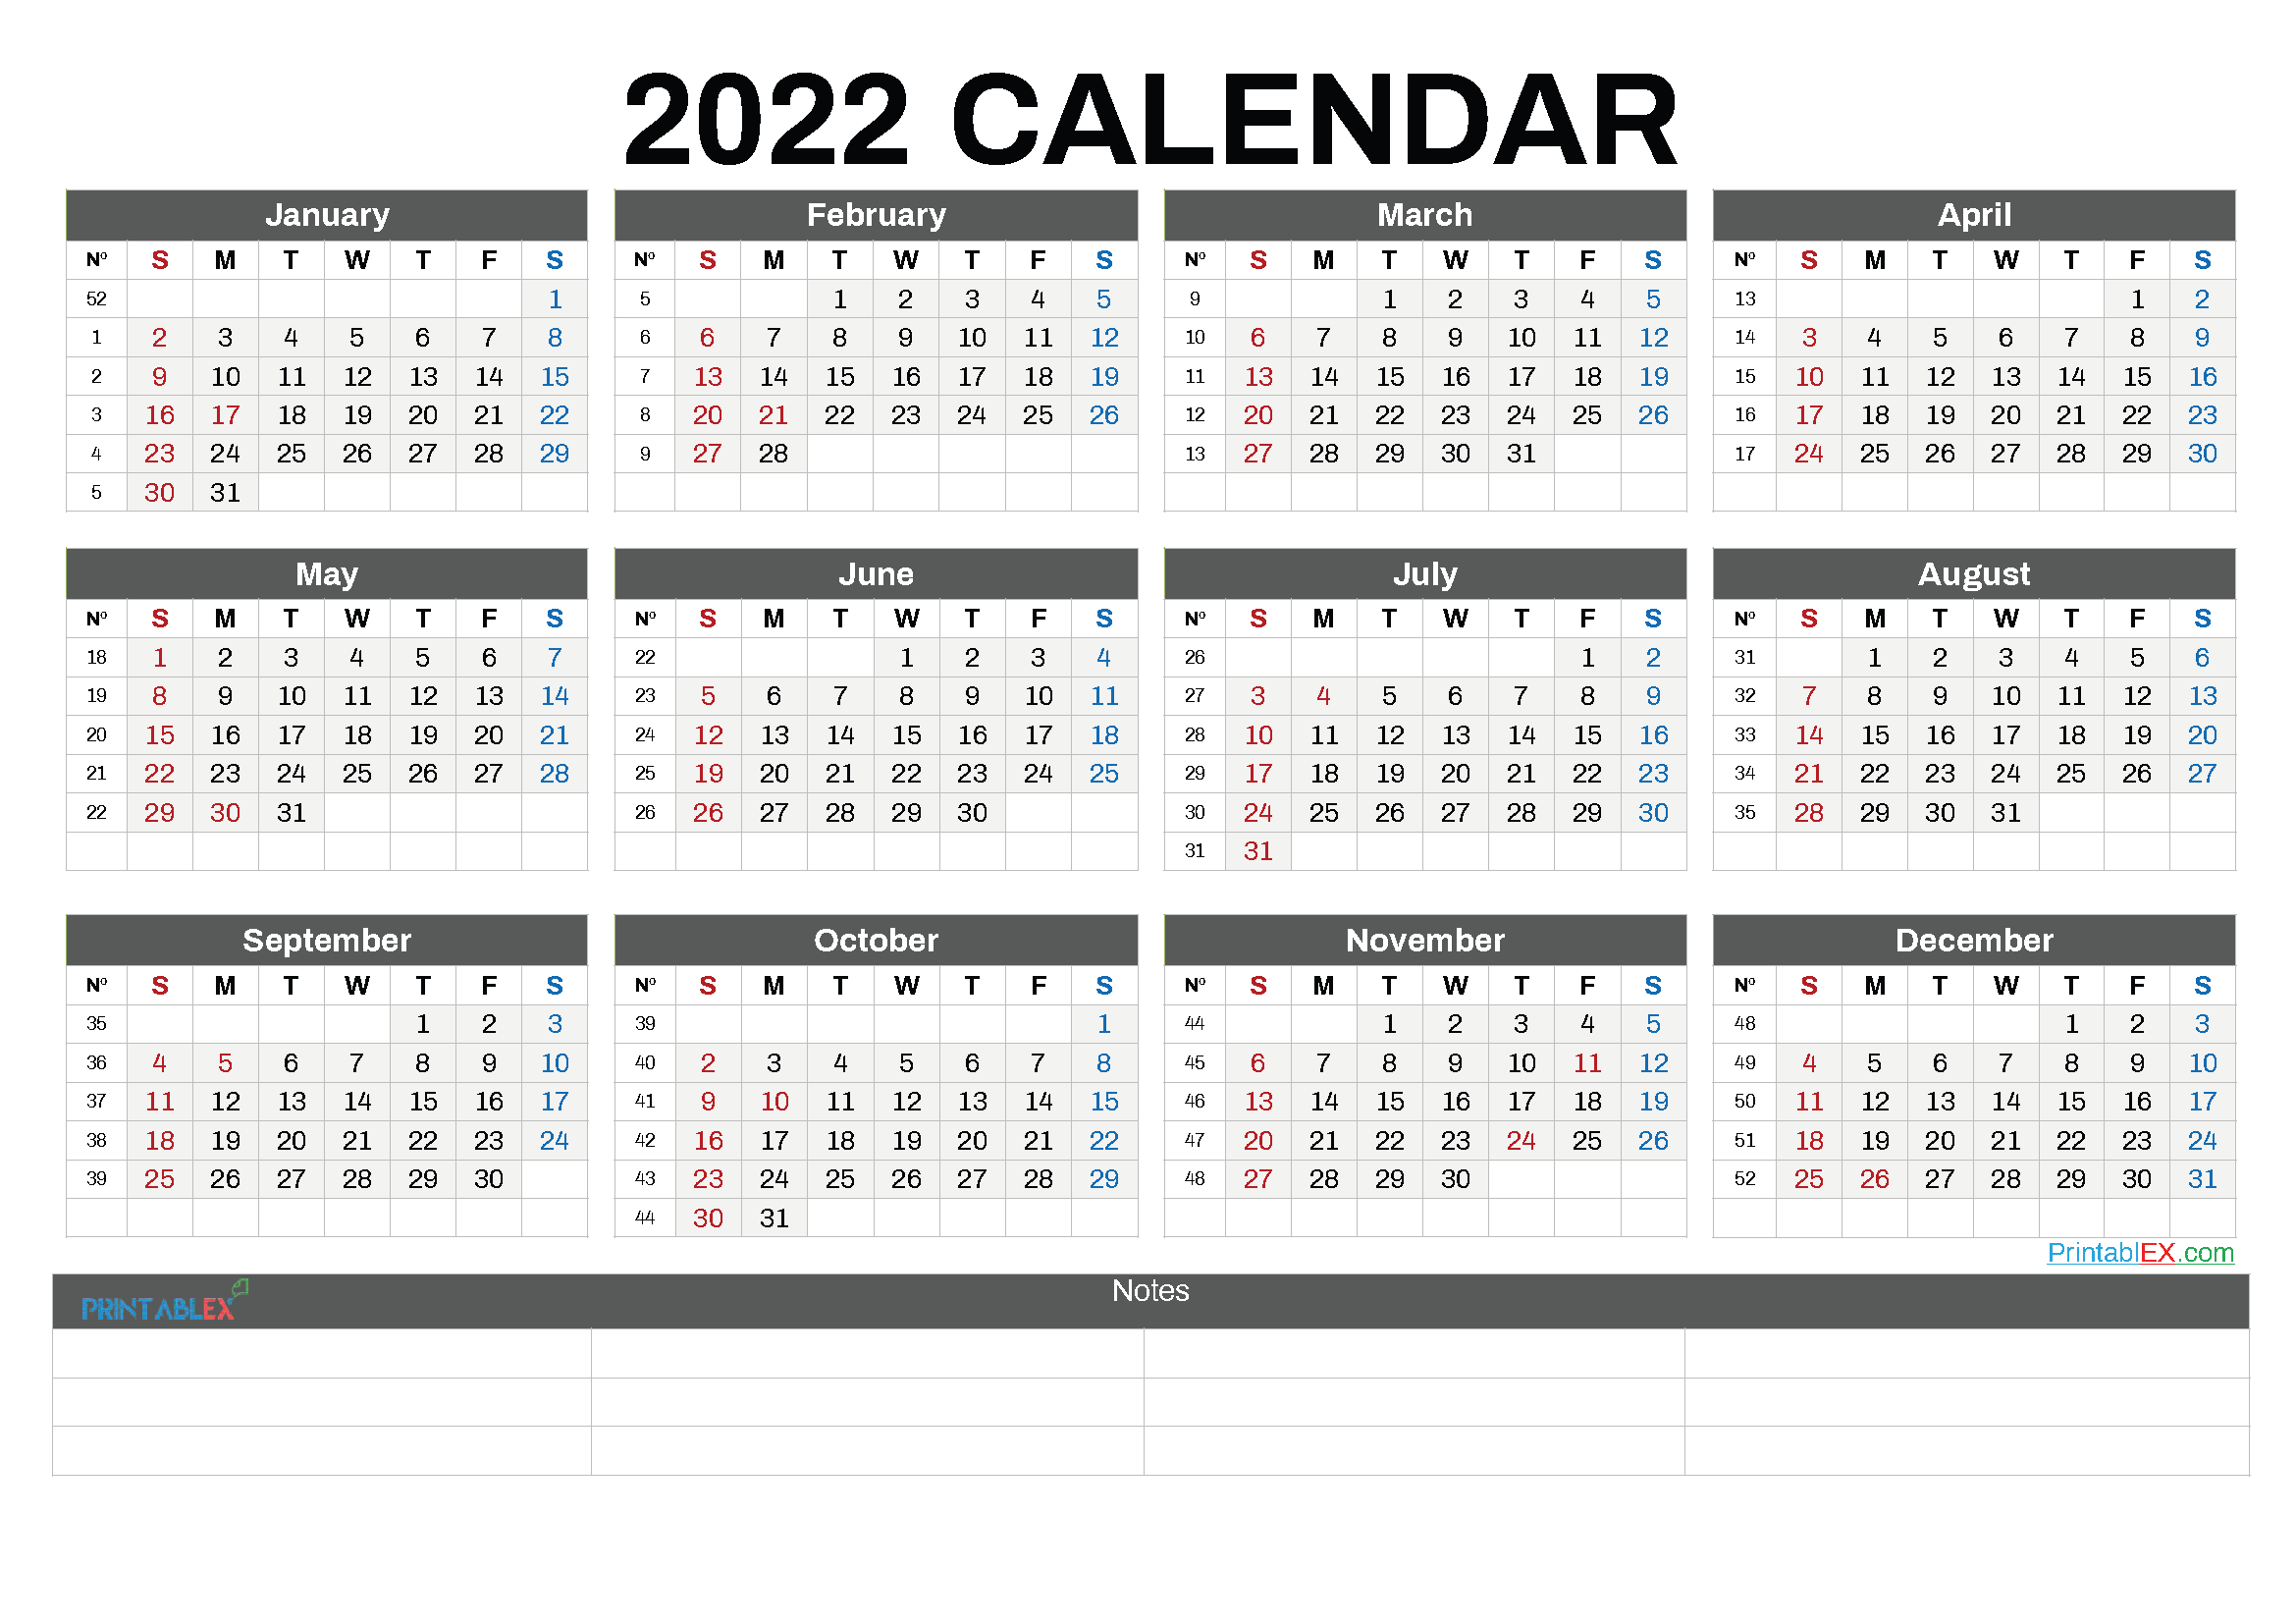 Printable 2022 Calendar by Month